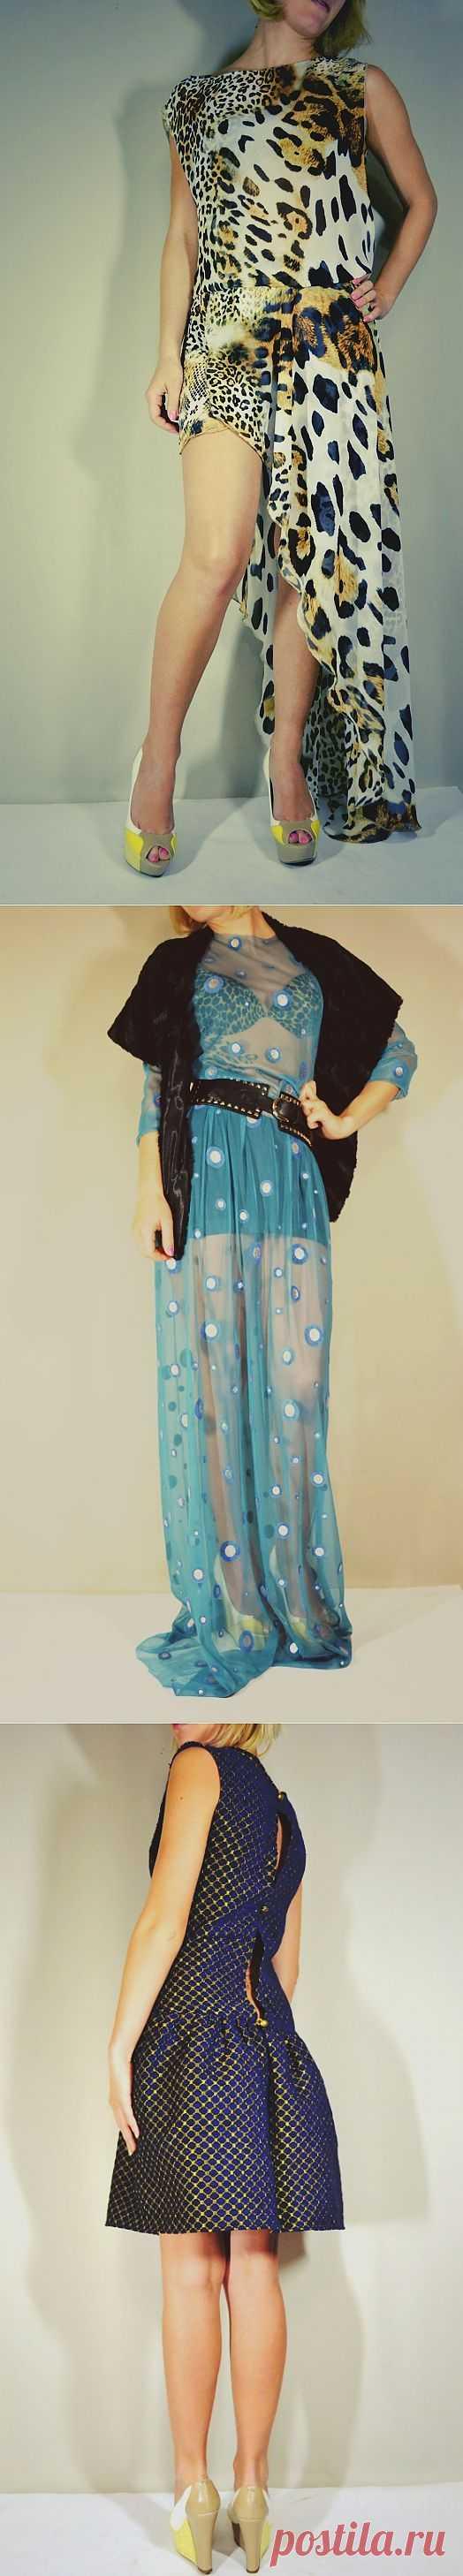 Мои образы. Мои платья / Своими руками / Модный сайт о стильной переделке одежды и интерьера